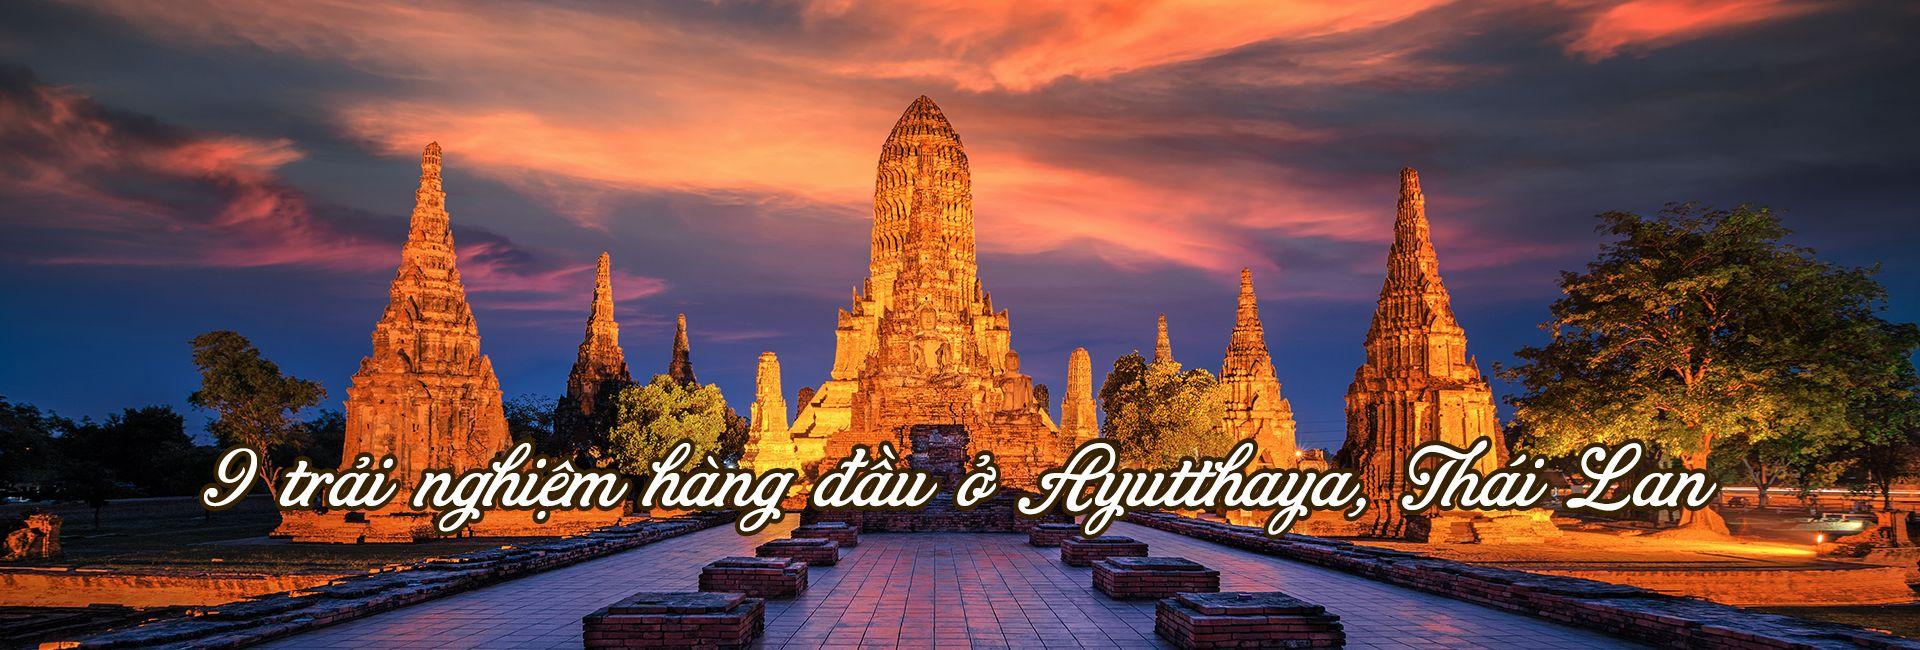 Top 9 trải nghiệm thú vị ở Ayutthaya, Thái Lan